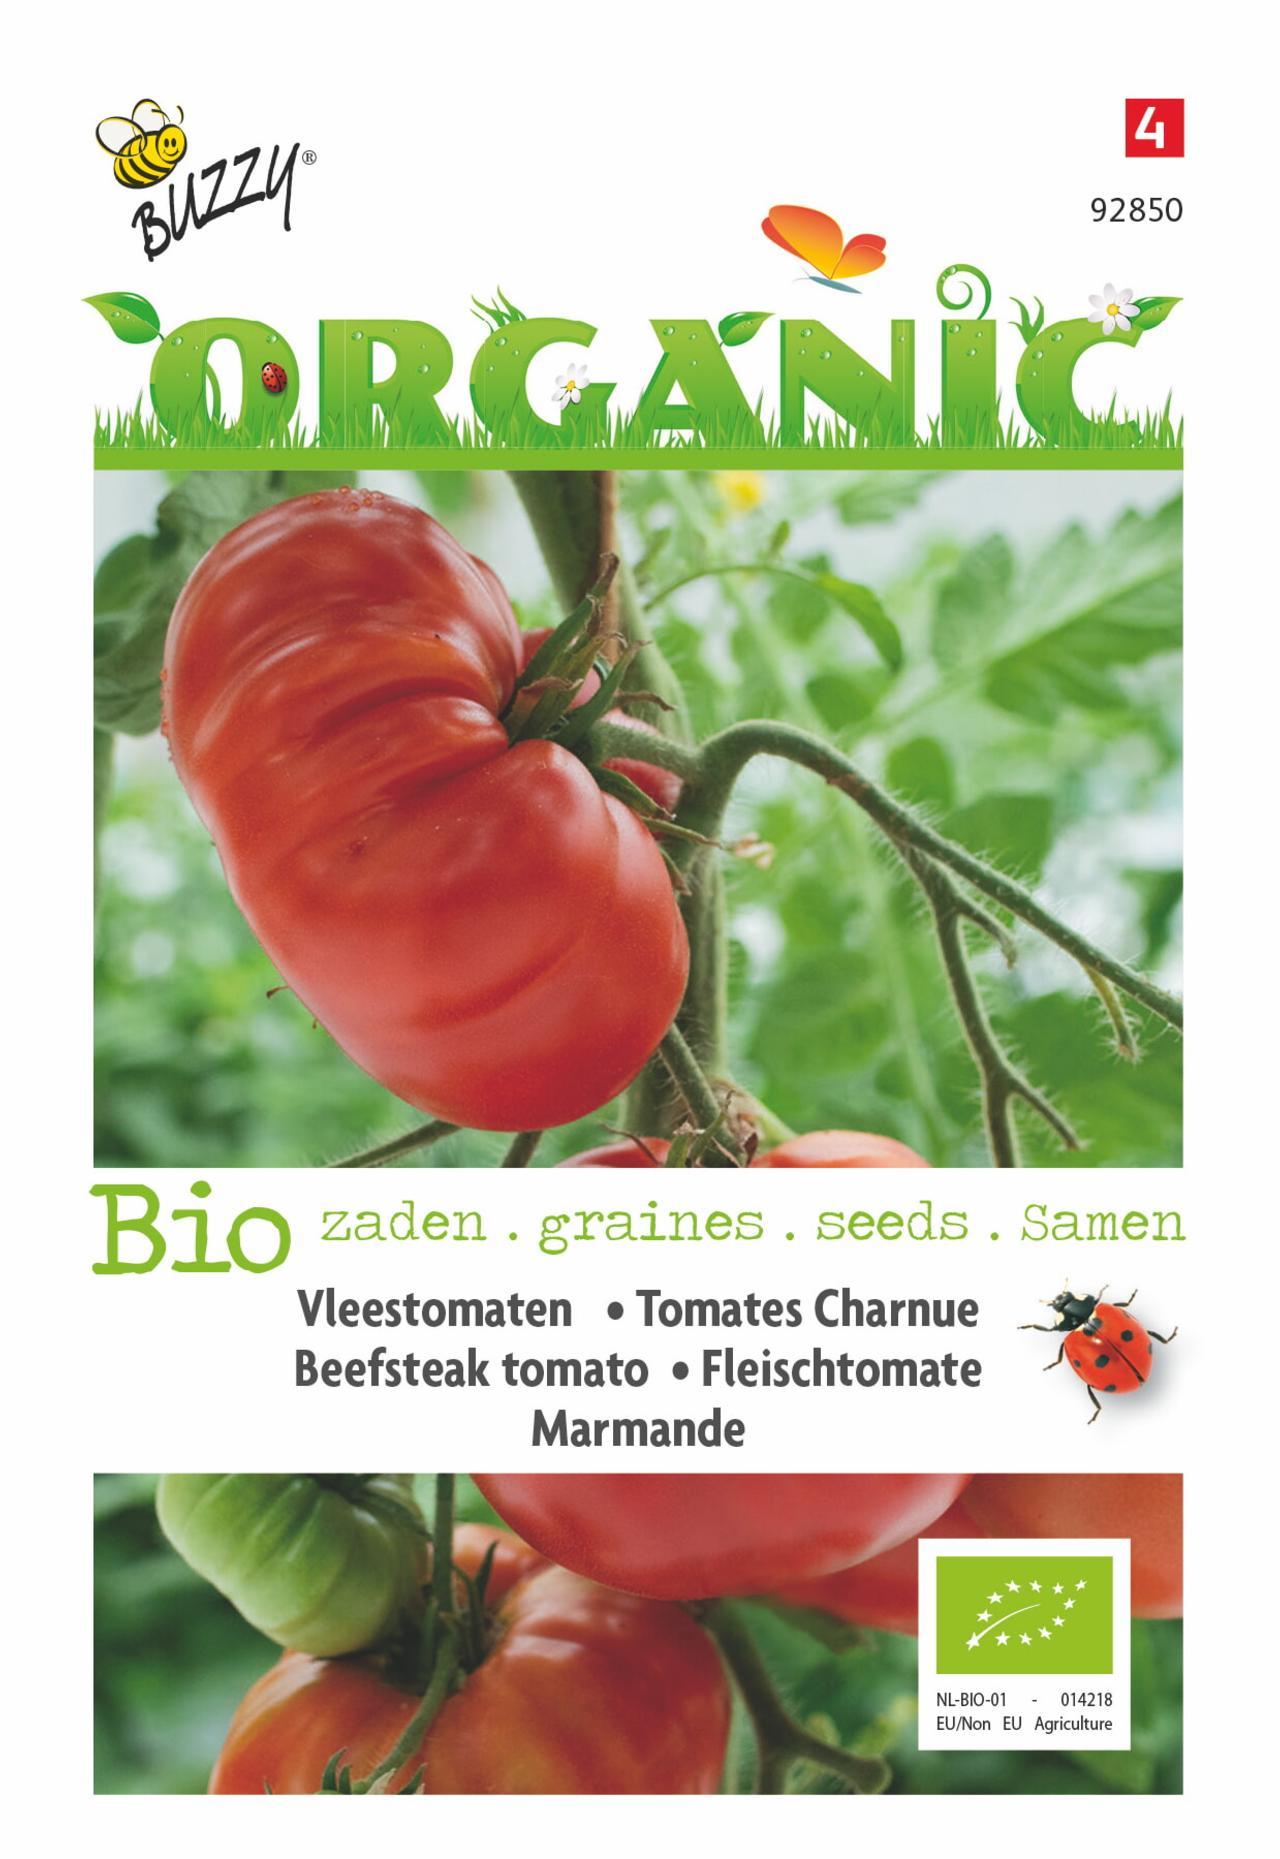 Solanum lycopersicum 'Marmande' (BIO) plant